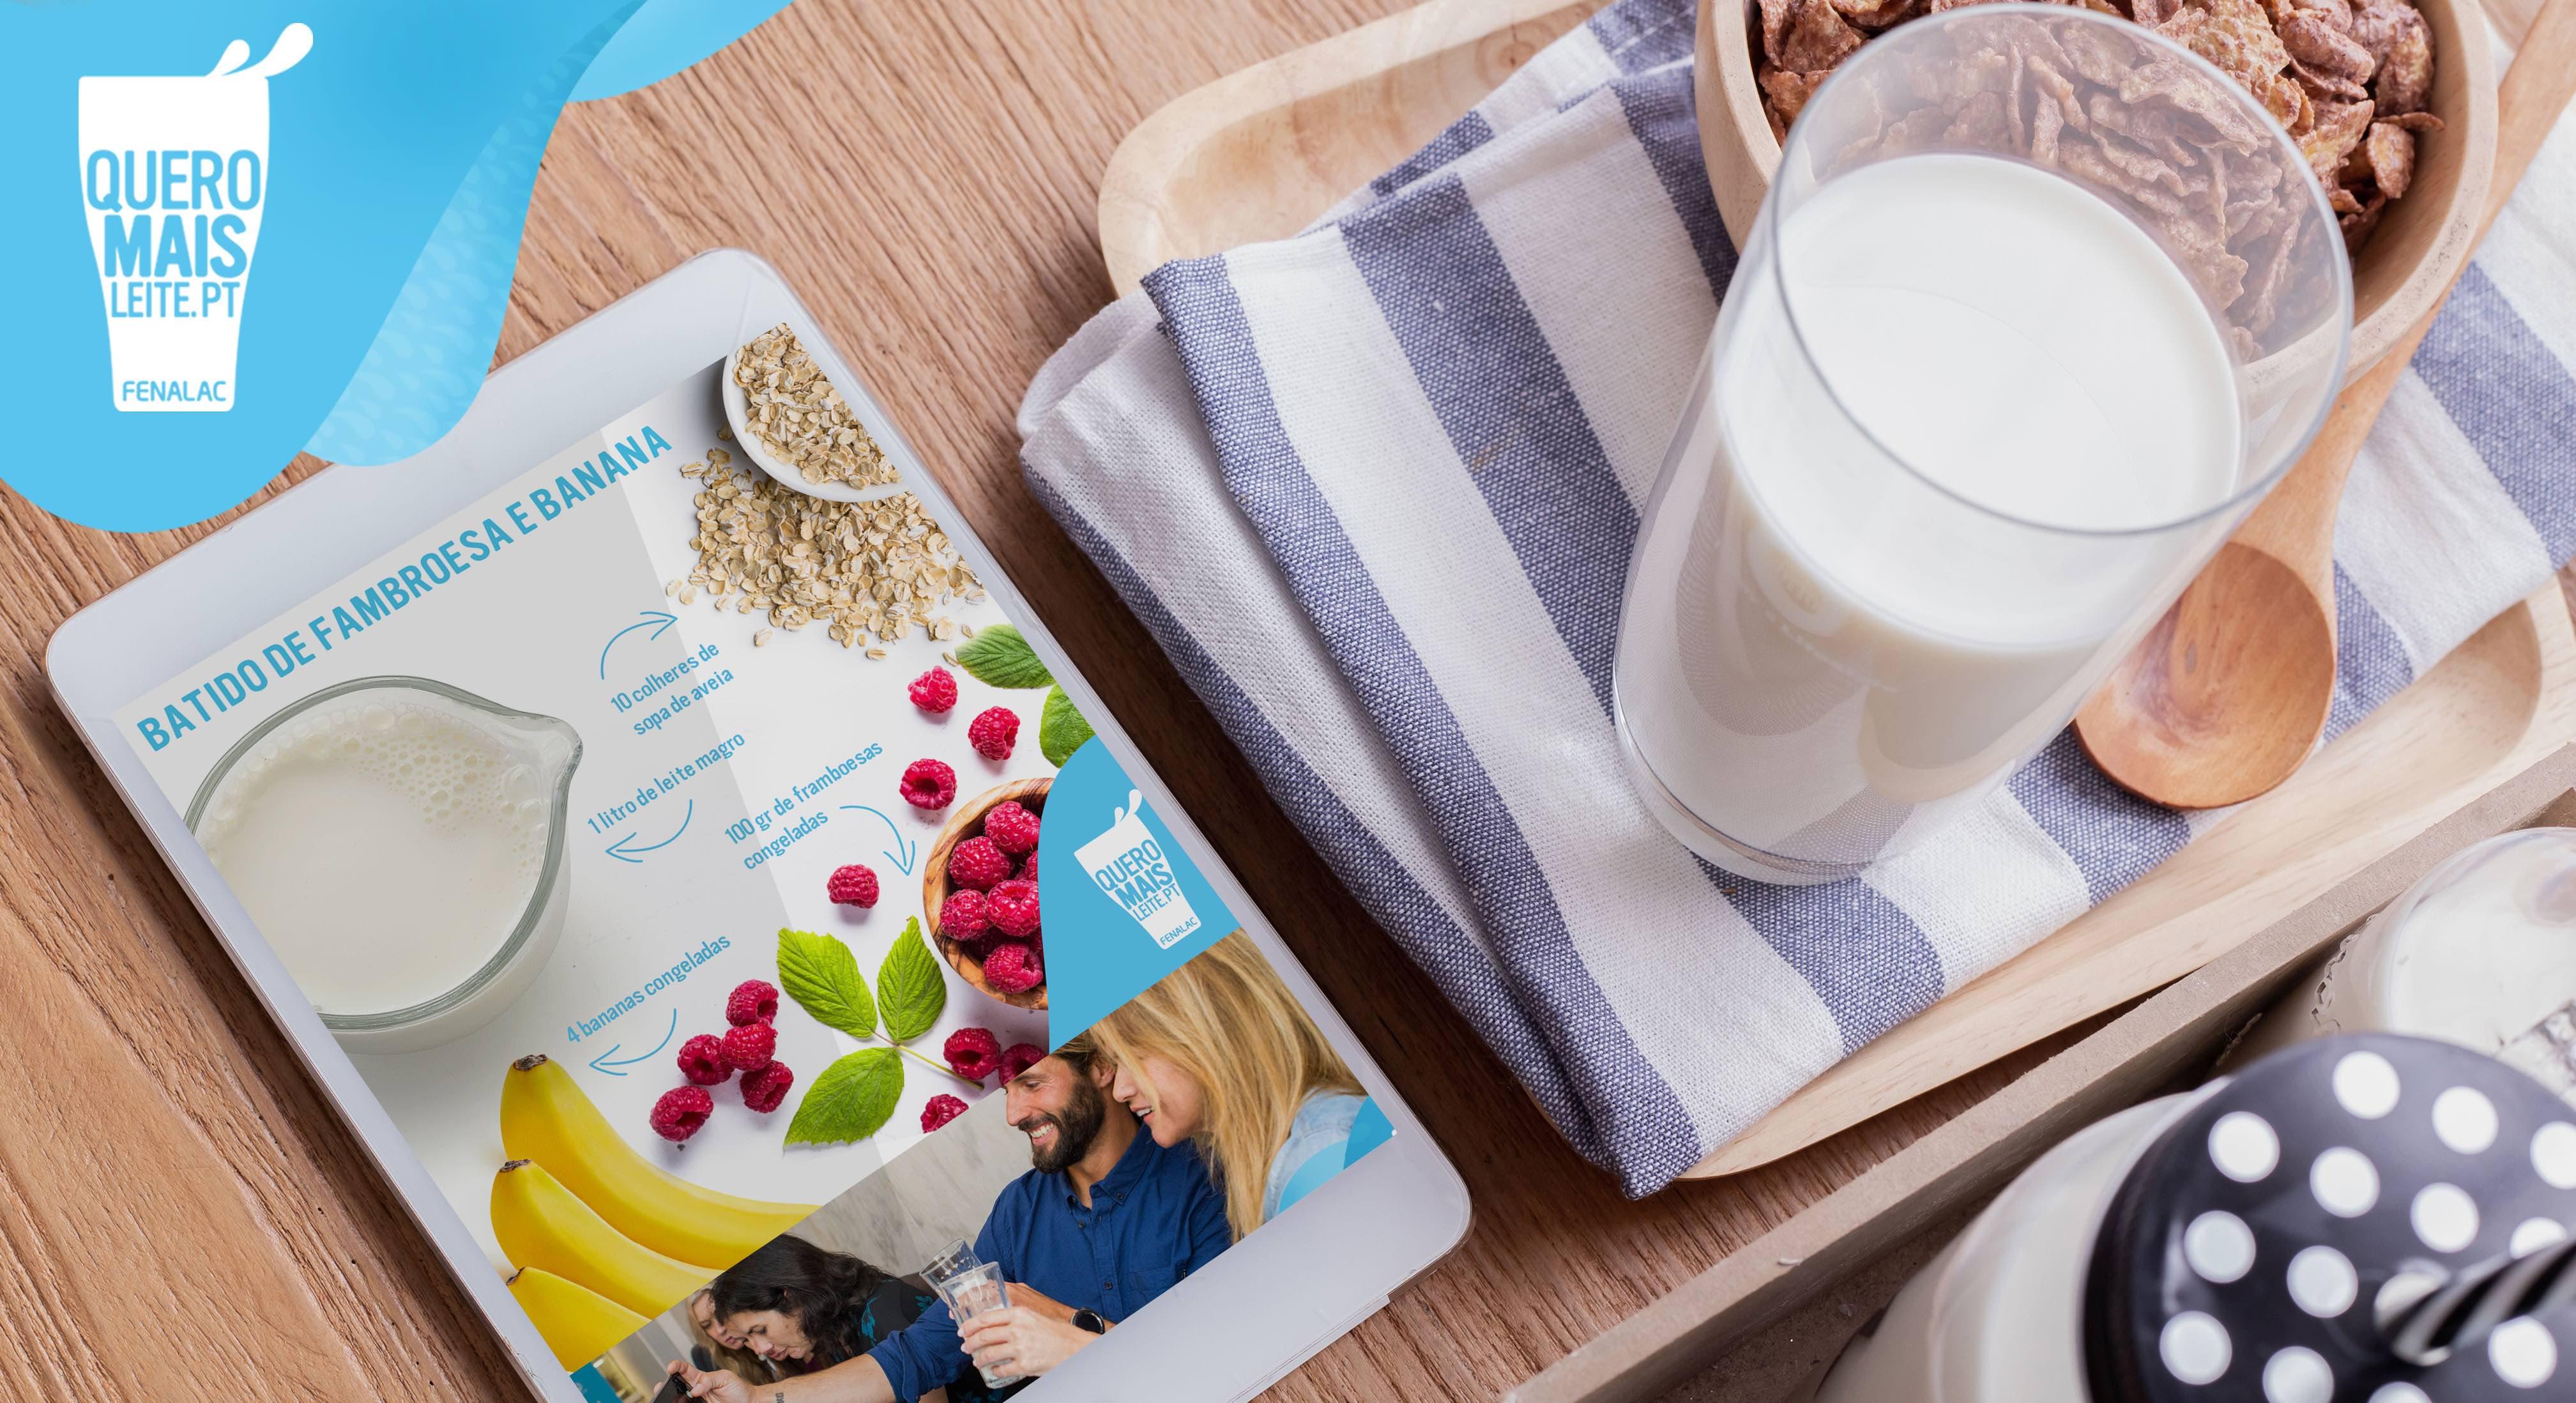 FENALAC – I Want More Milk